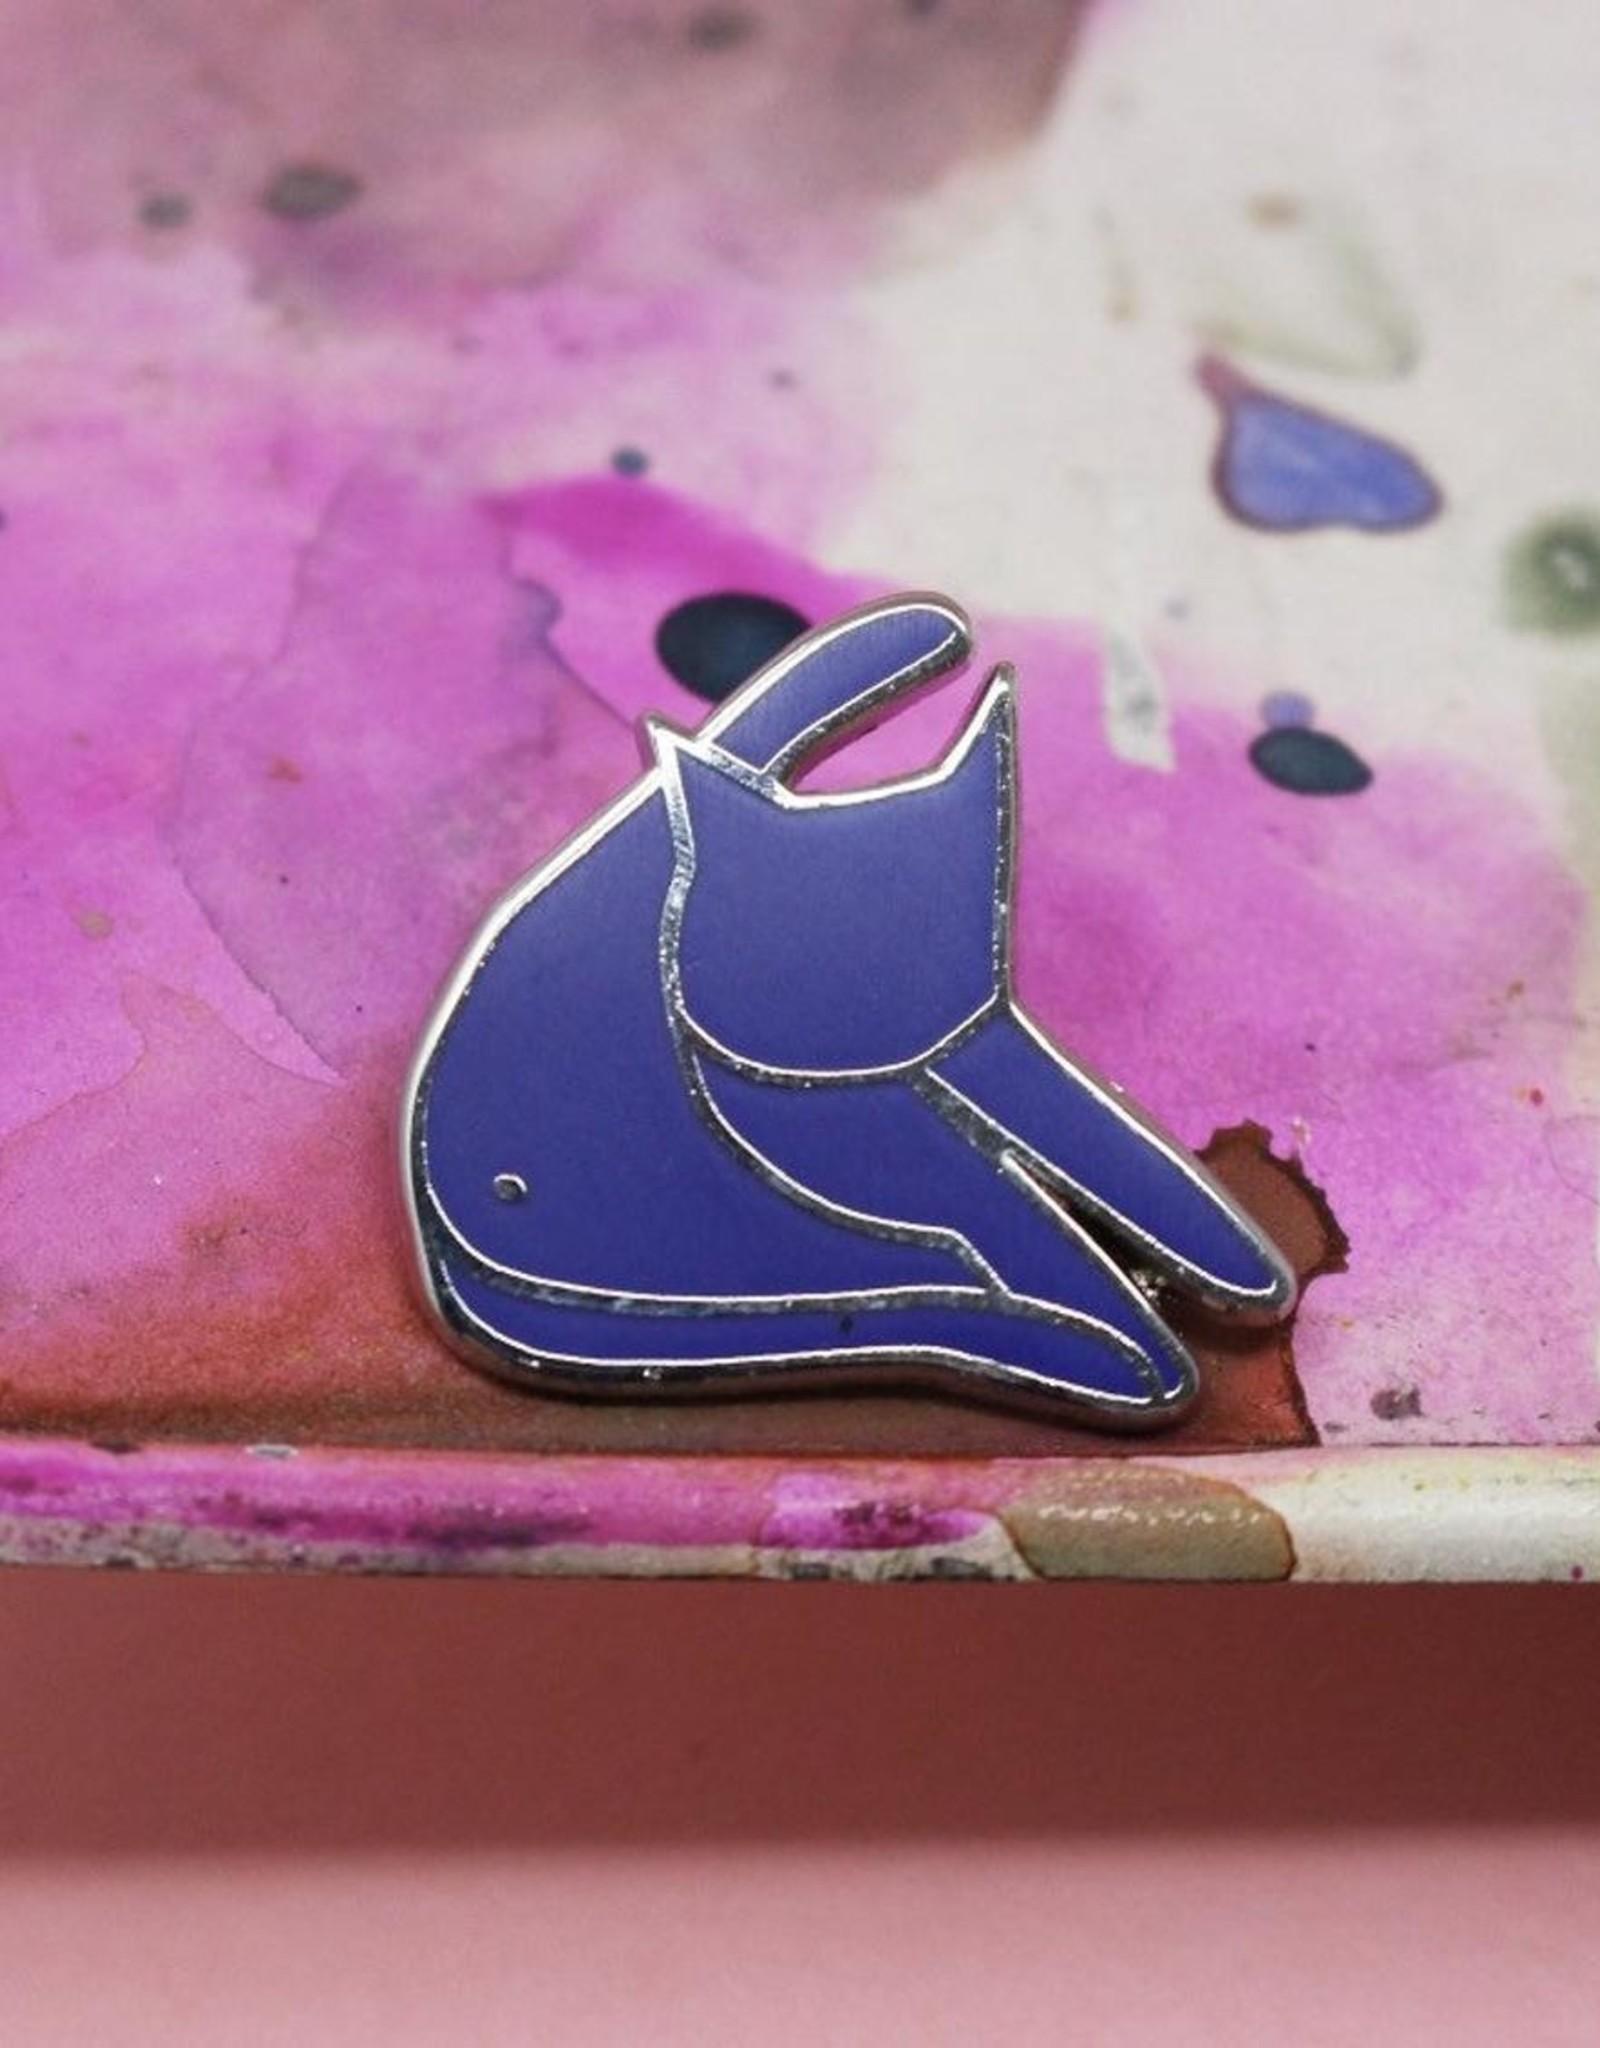 Niaski Niaski - Blue cat grooming pin Matisse catisse